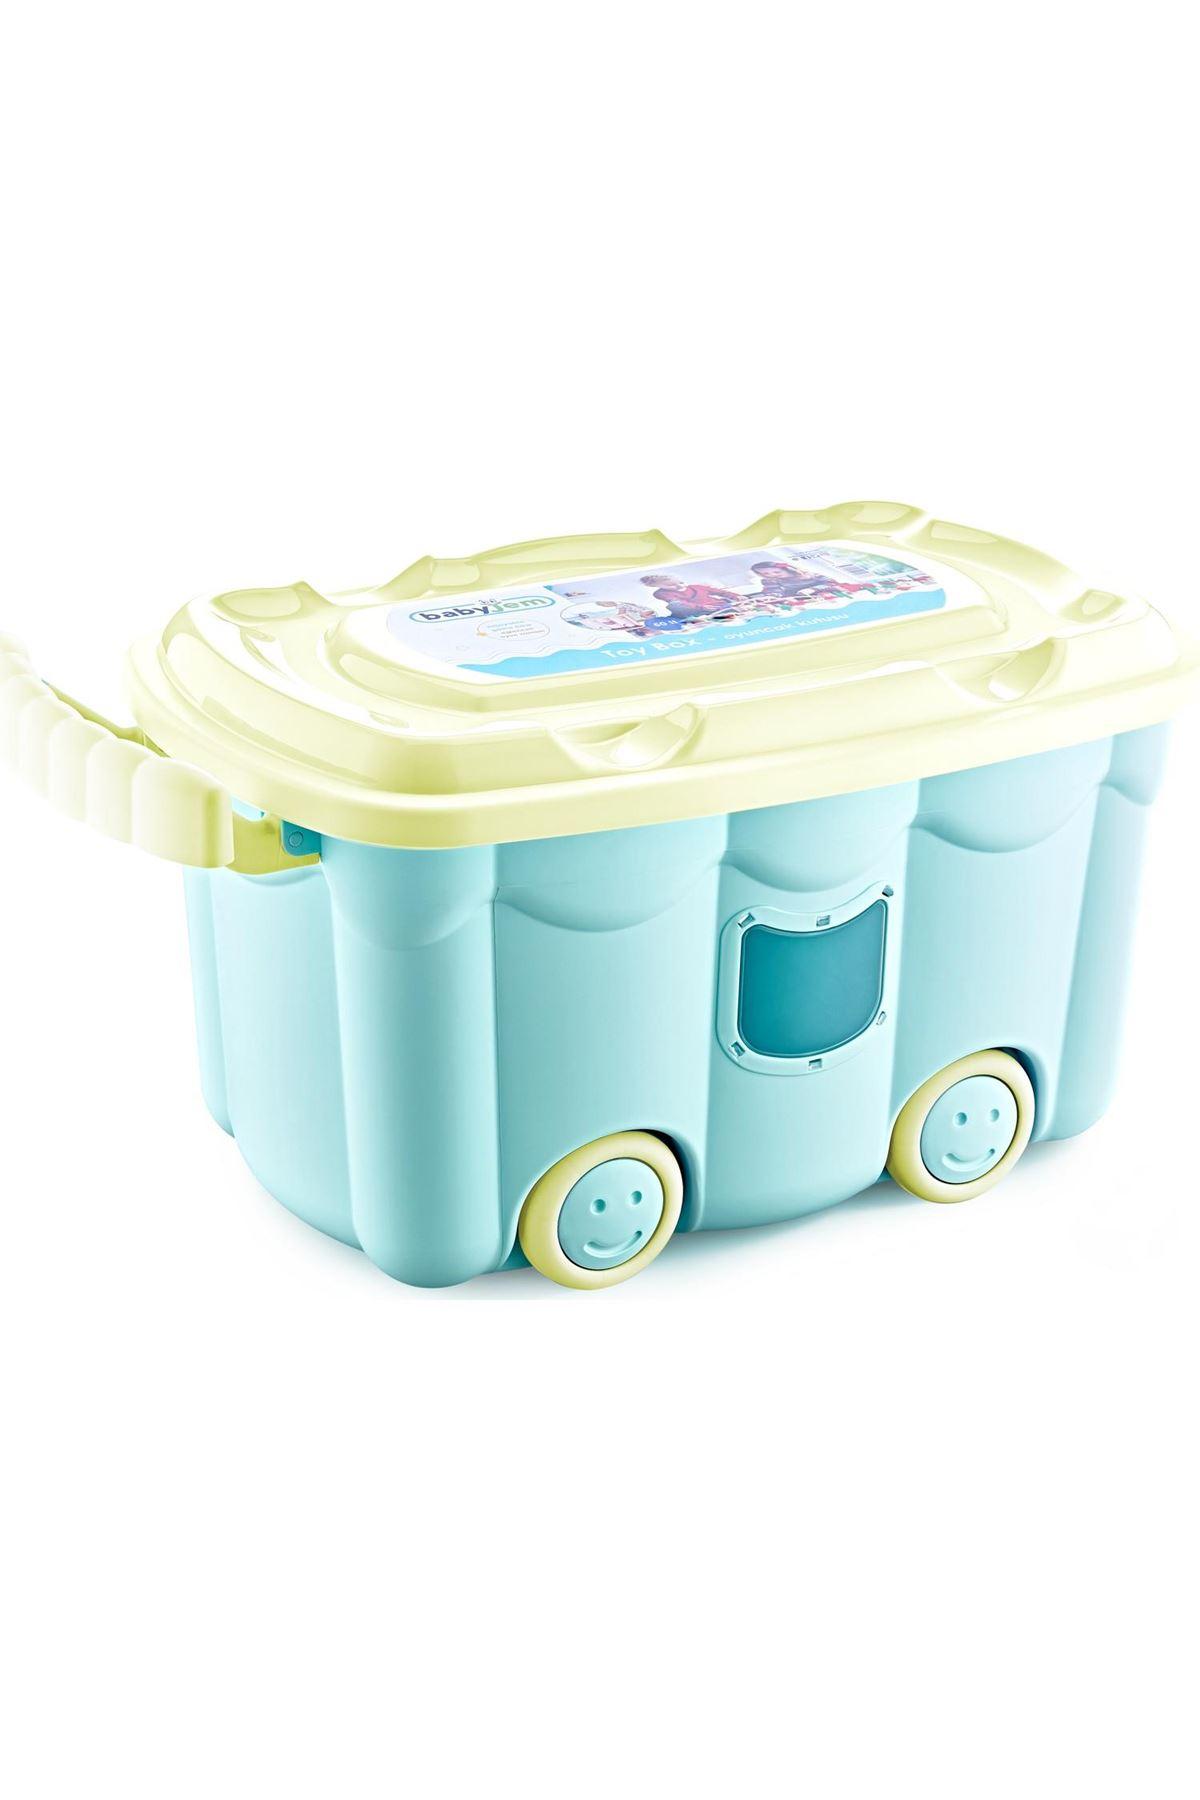 BabyJem Tekerlekli Oyuncak Kutusu 537 Mint Yeşili